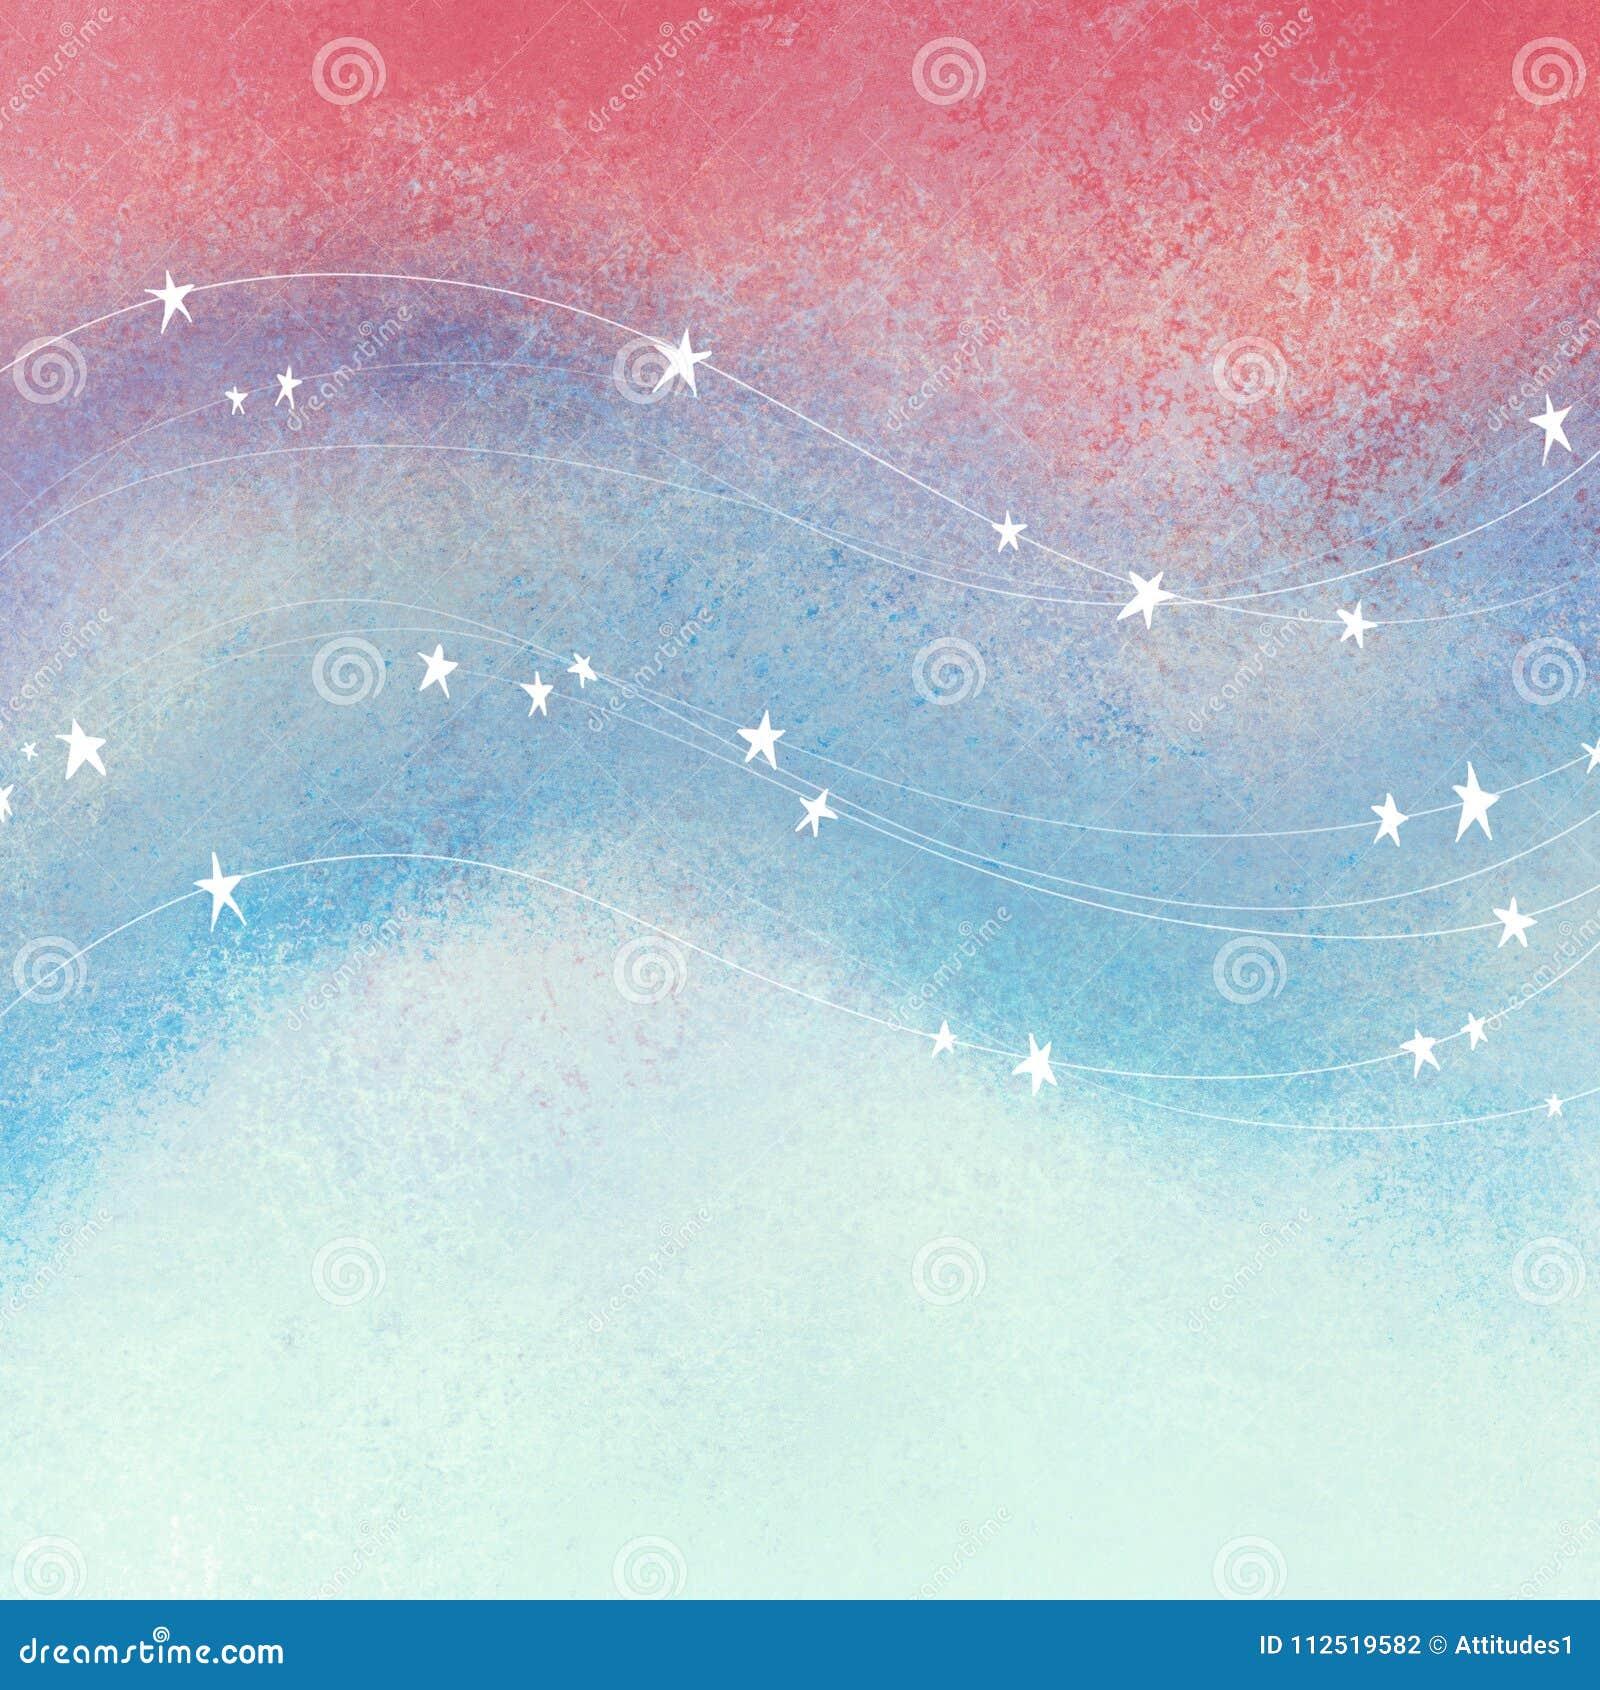 Roter weißer und blauer Hintergrund mit Sternenbanner, beim Fließen bewegt wellenartig; strukturiertes patriotisches Viertel von